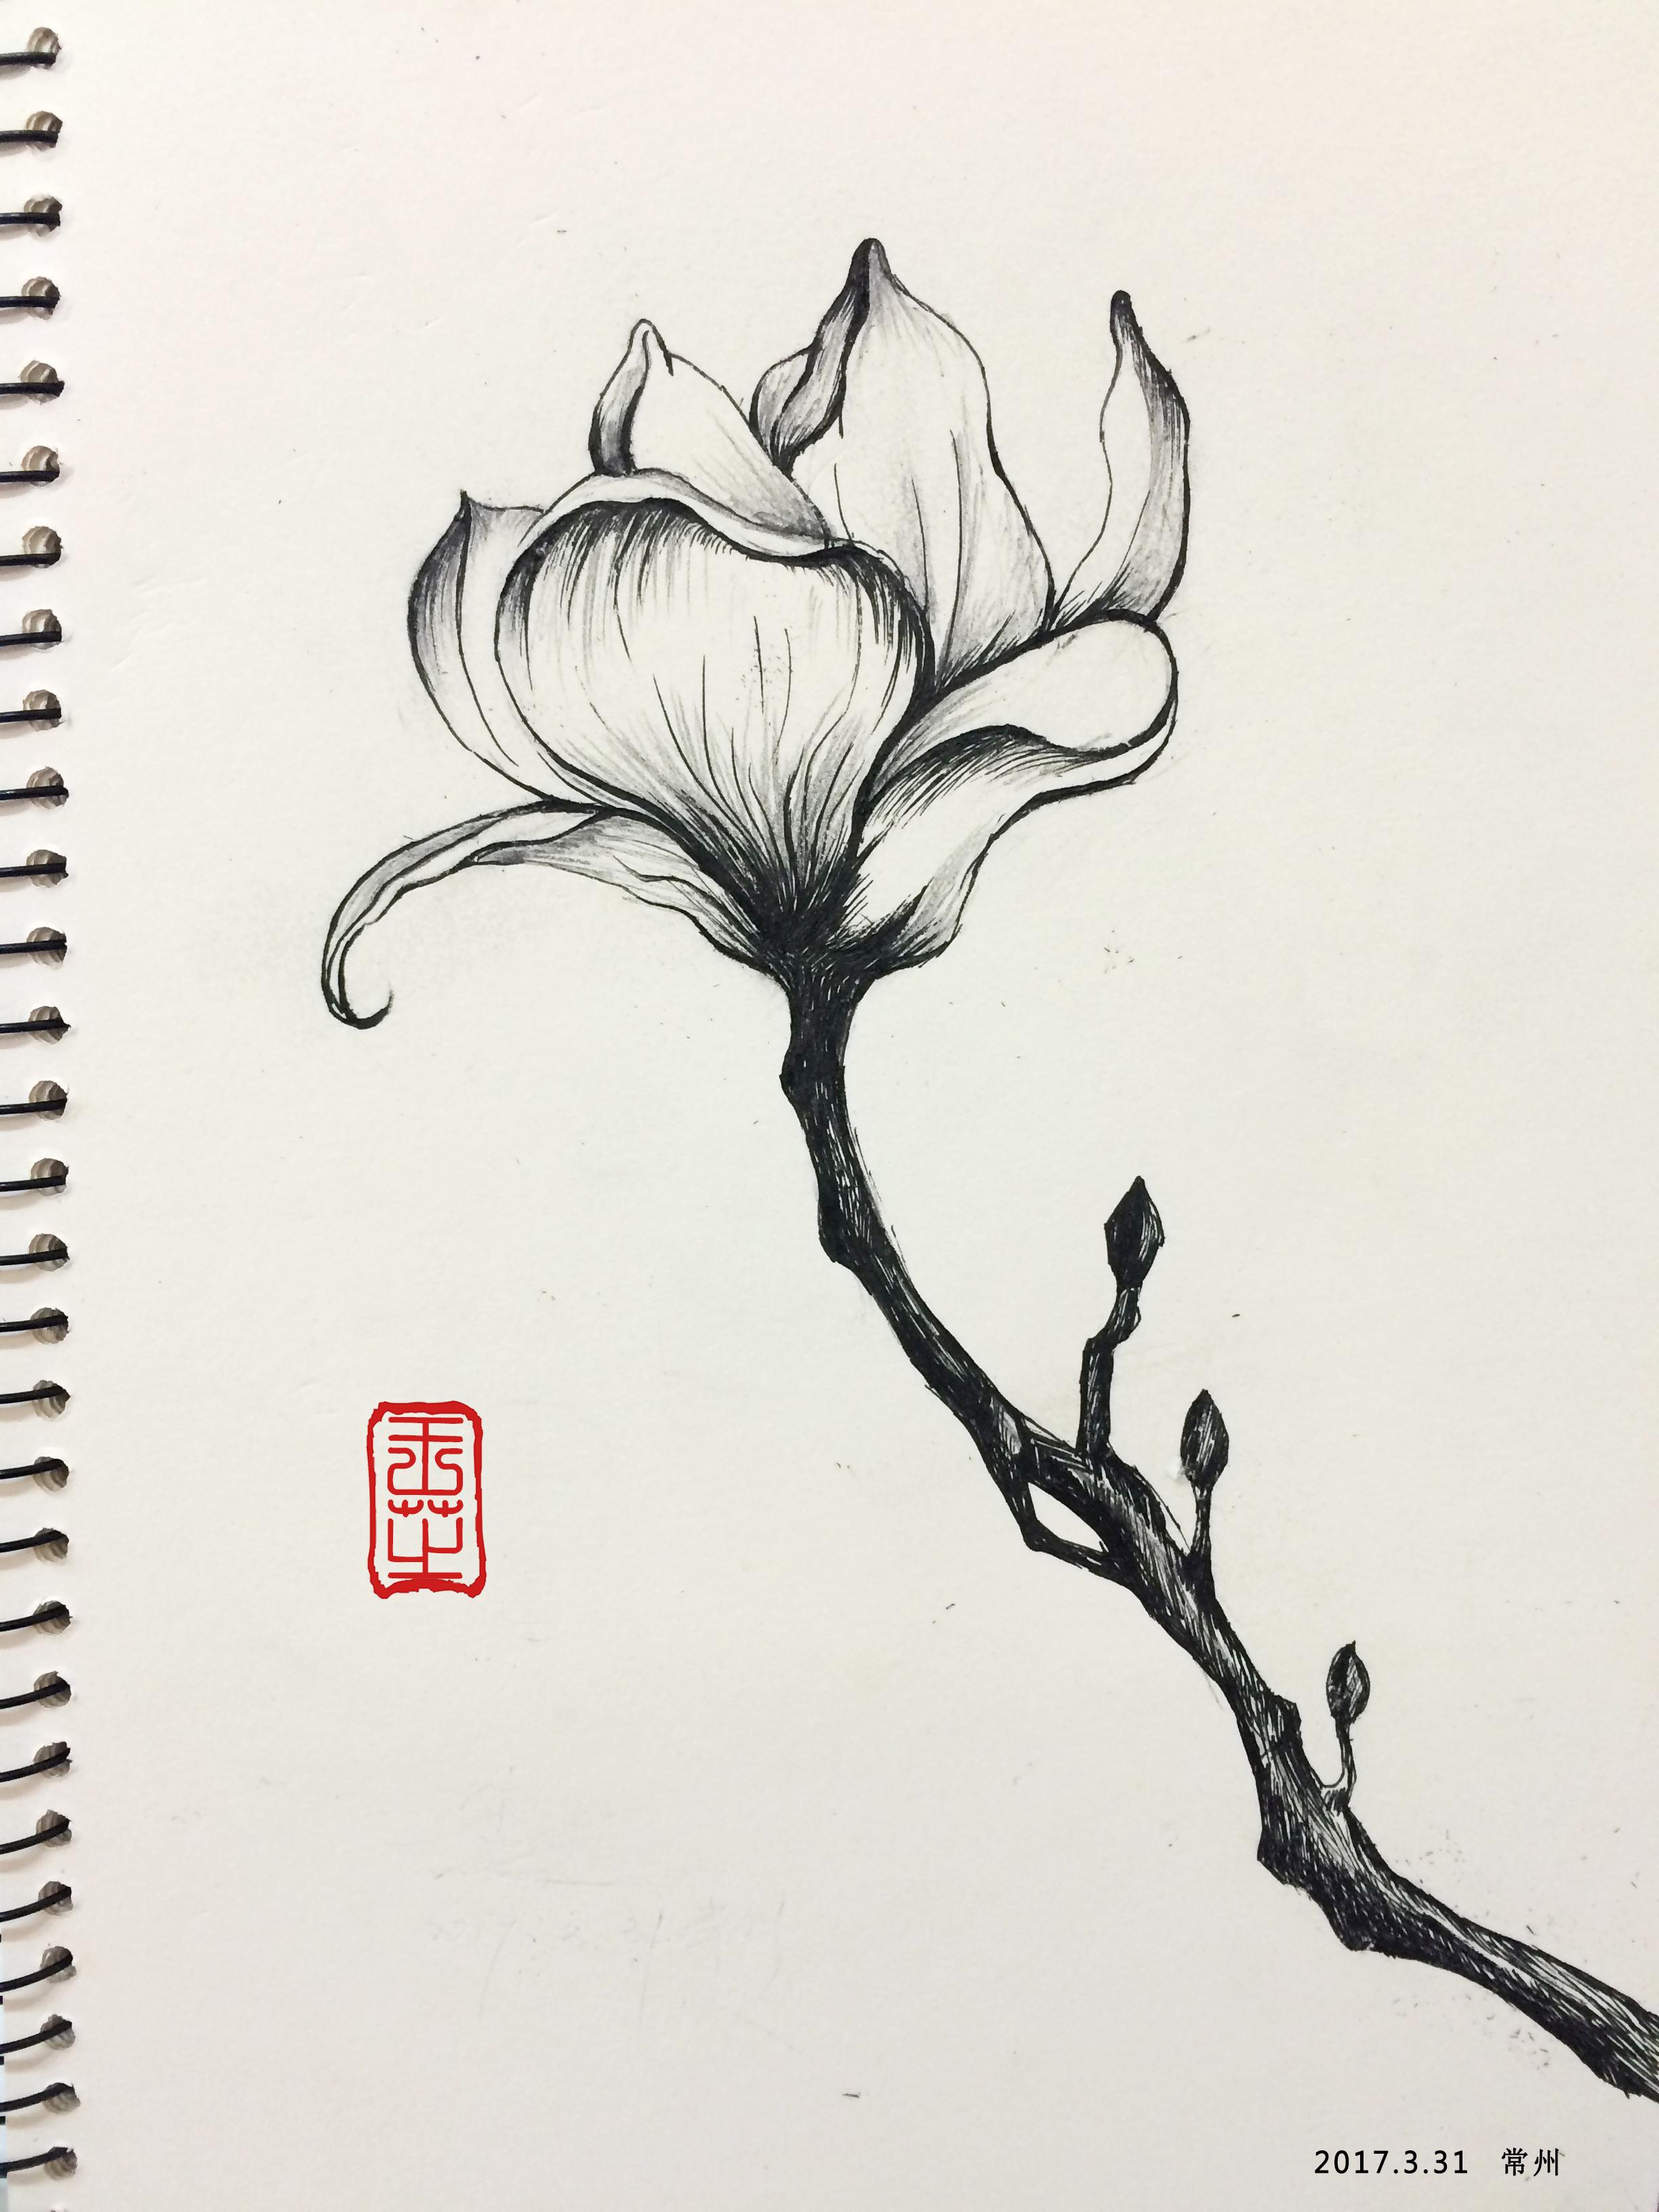 铅笔画-植物类